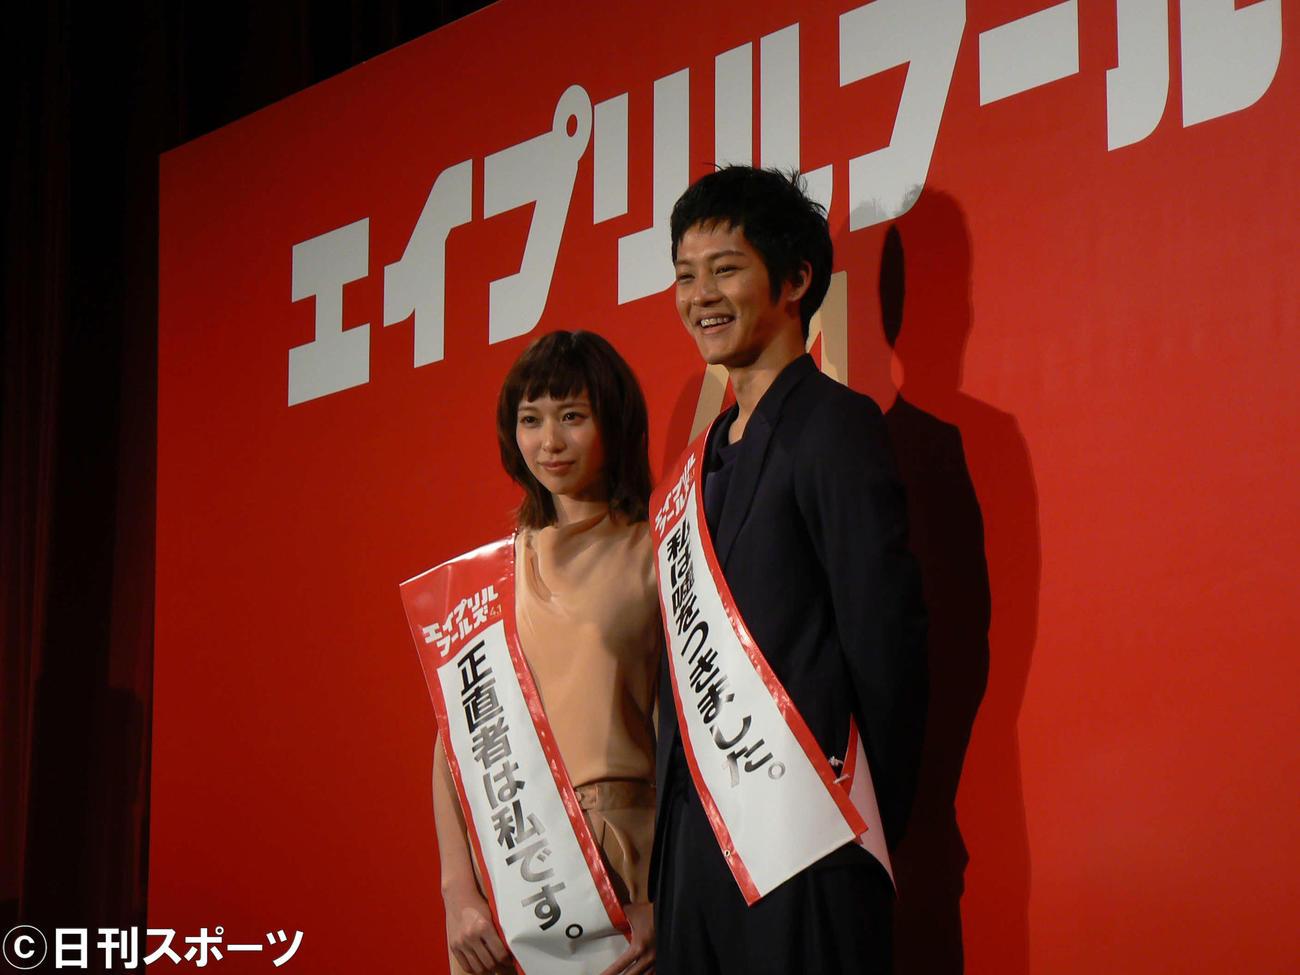 15年映画「エイプリルフールズ」PRイベント 「嘘つき」のたすきに苦笑いの松坂桃李(右)と戸田恵梨香